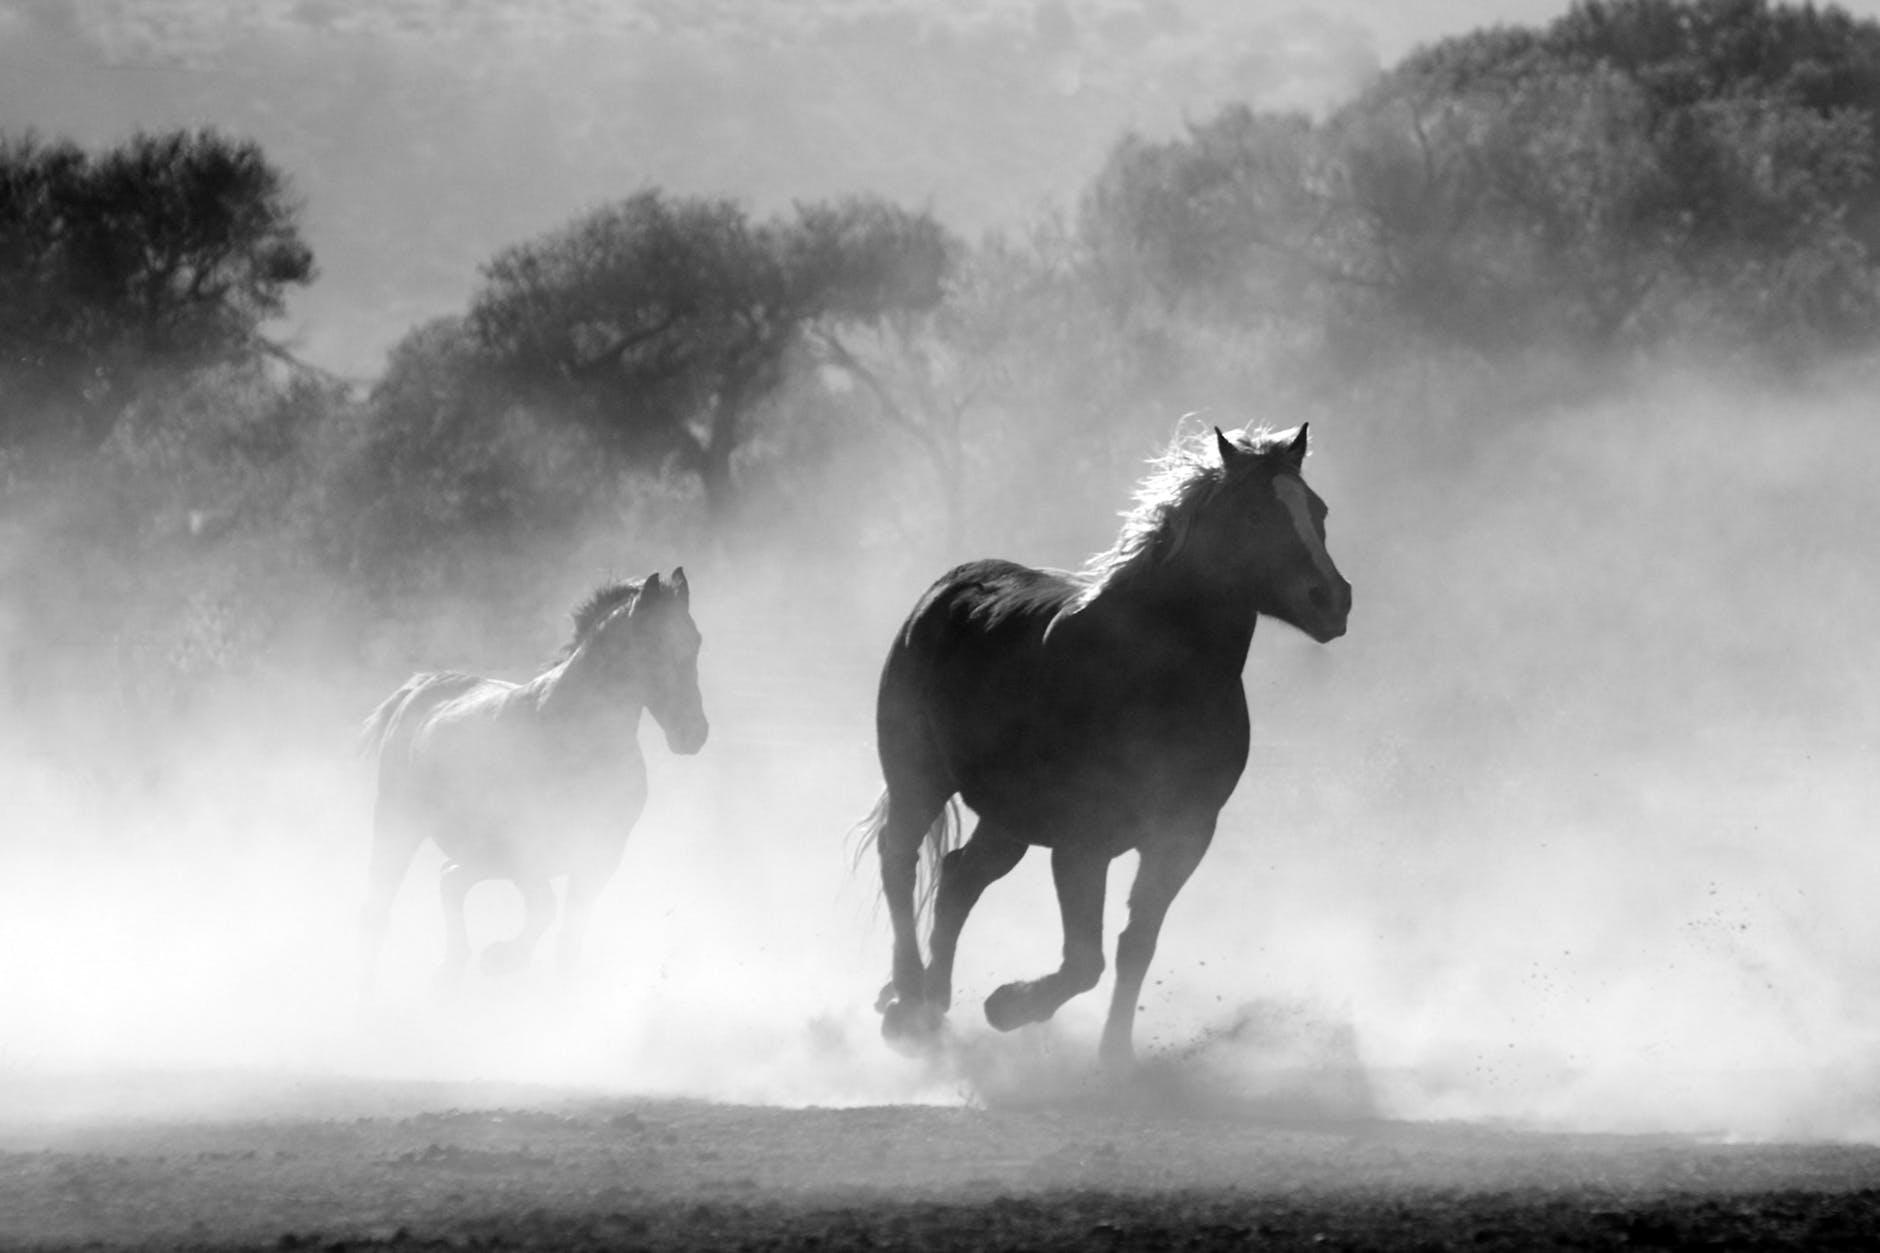 czarno biały obraz przedstawiający konia